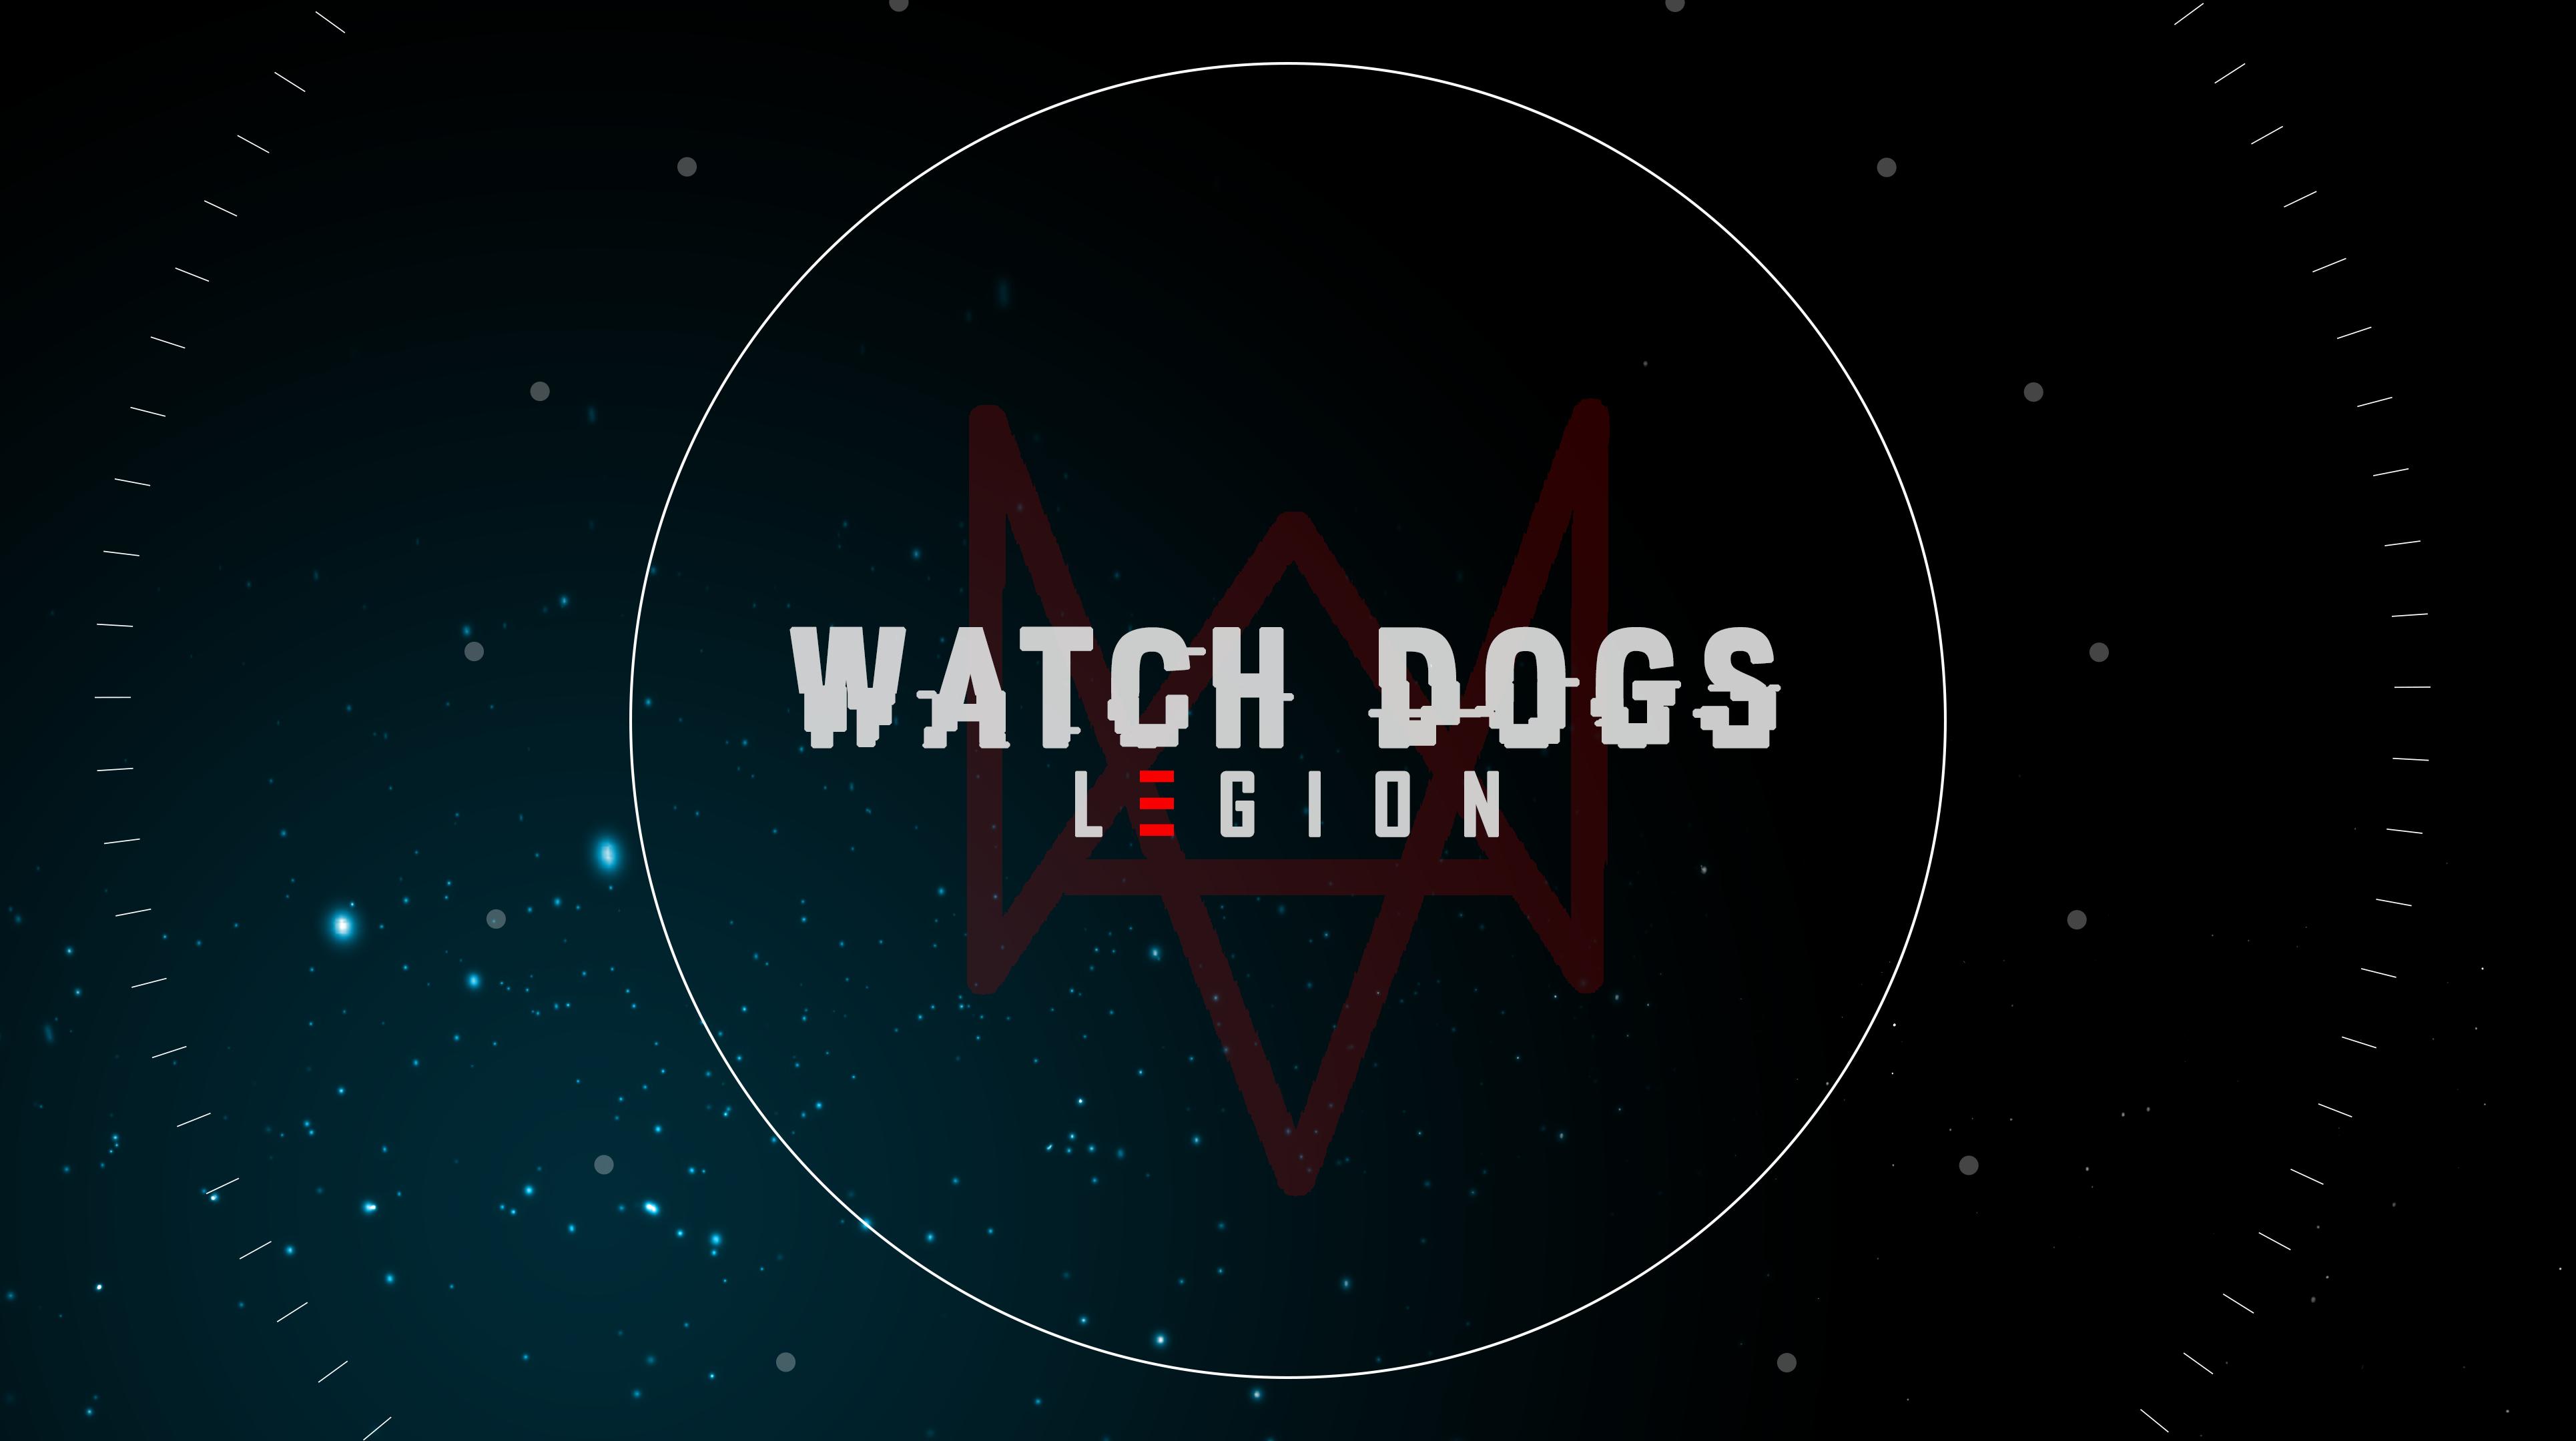 Watch Dogs Legion Logo Wallpaper Hd Games 4k Wallpapers